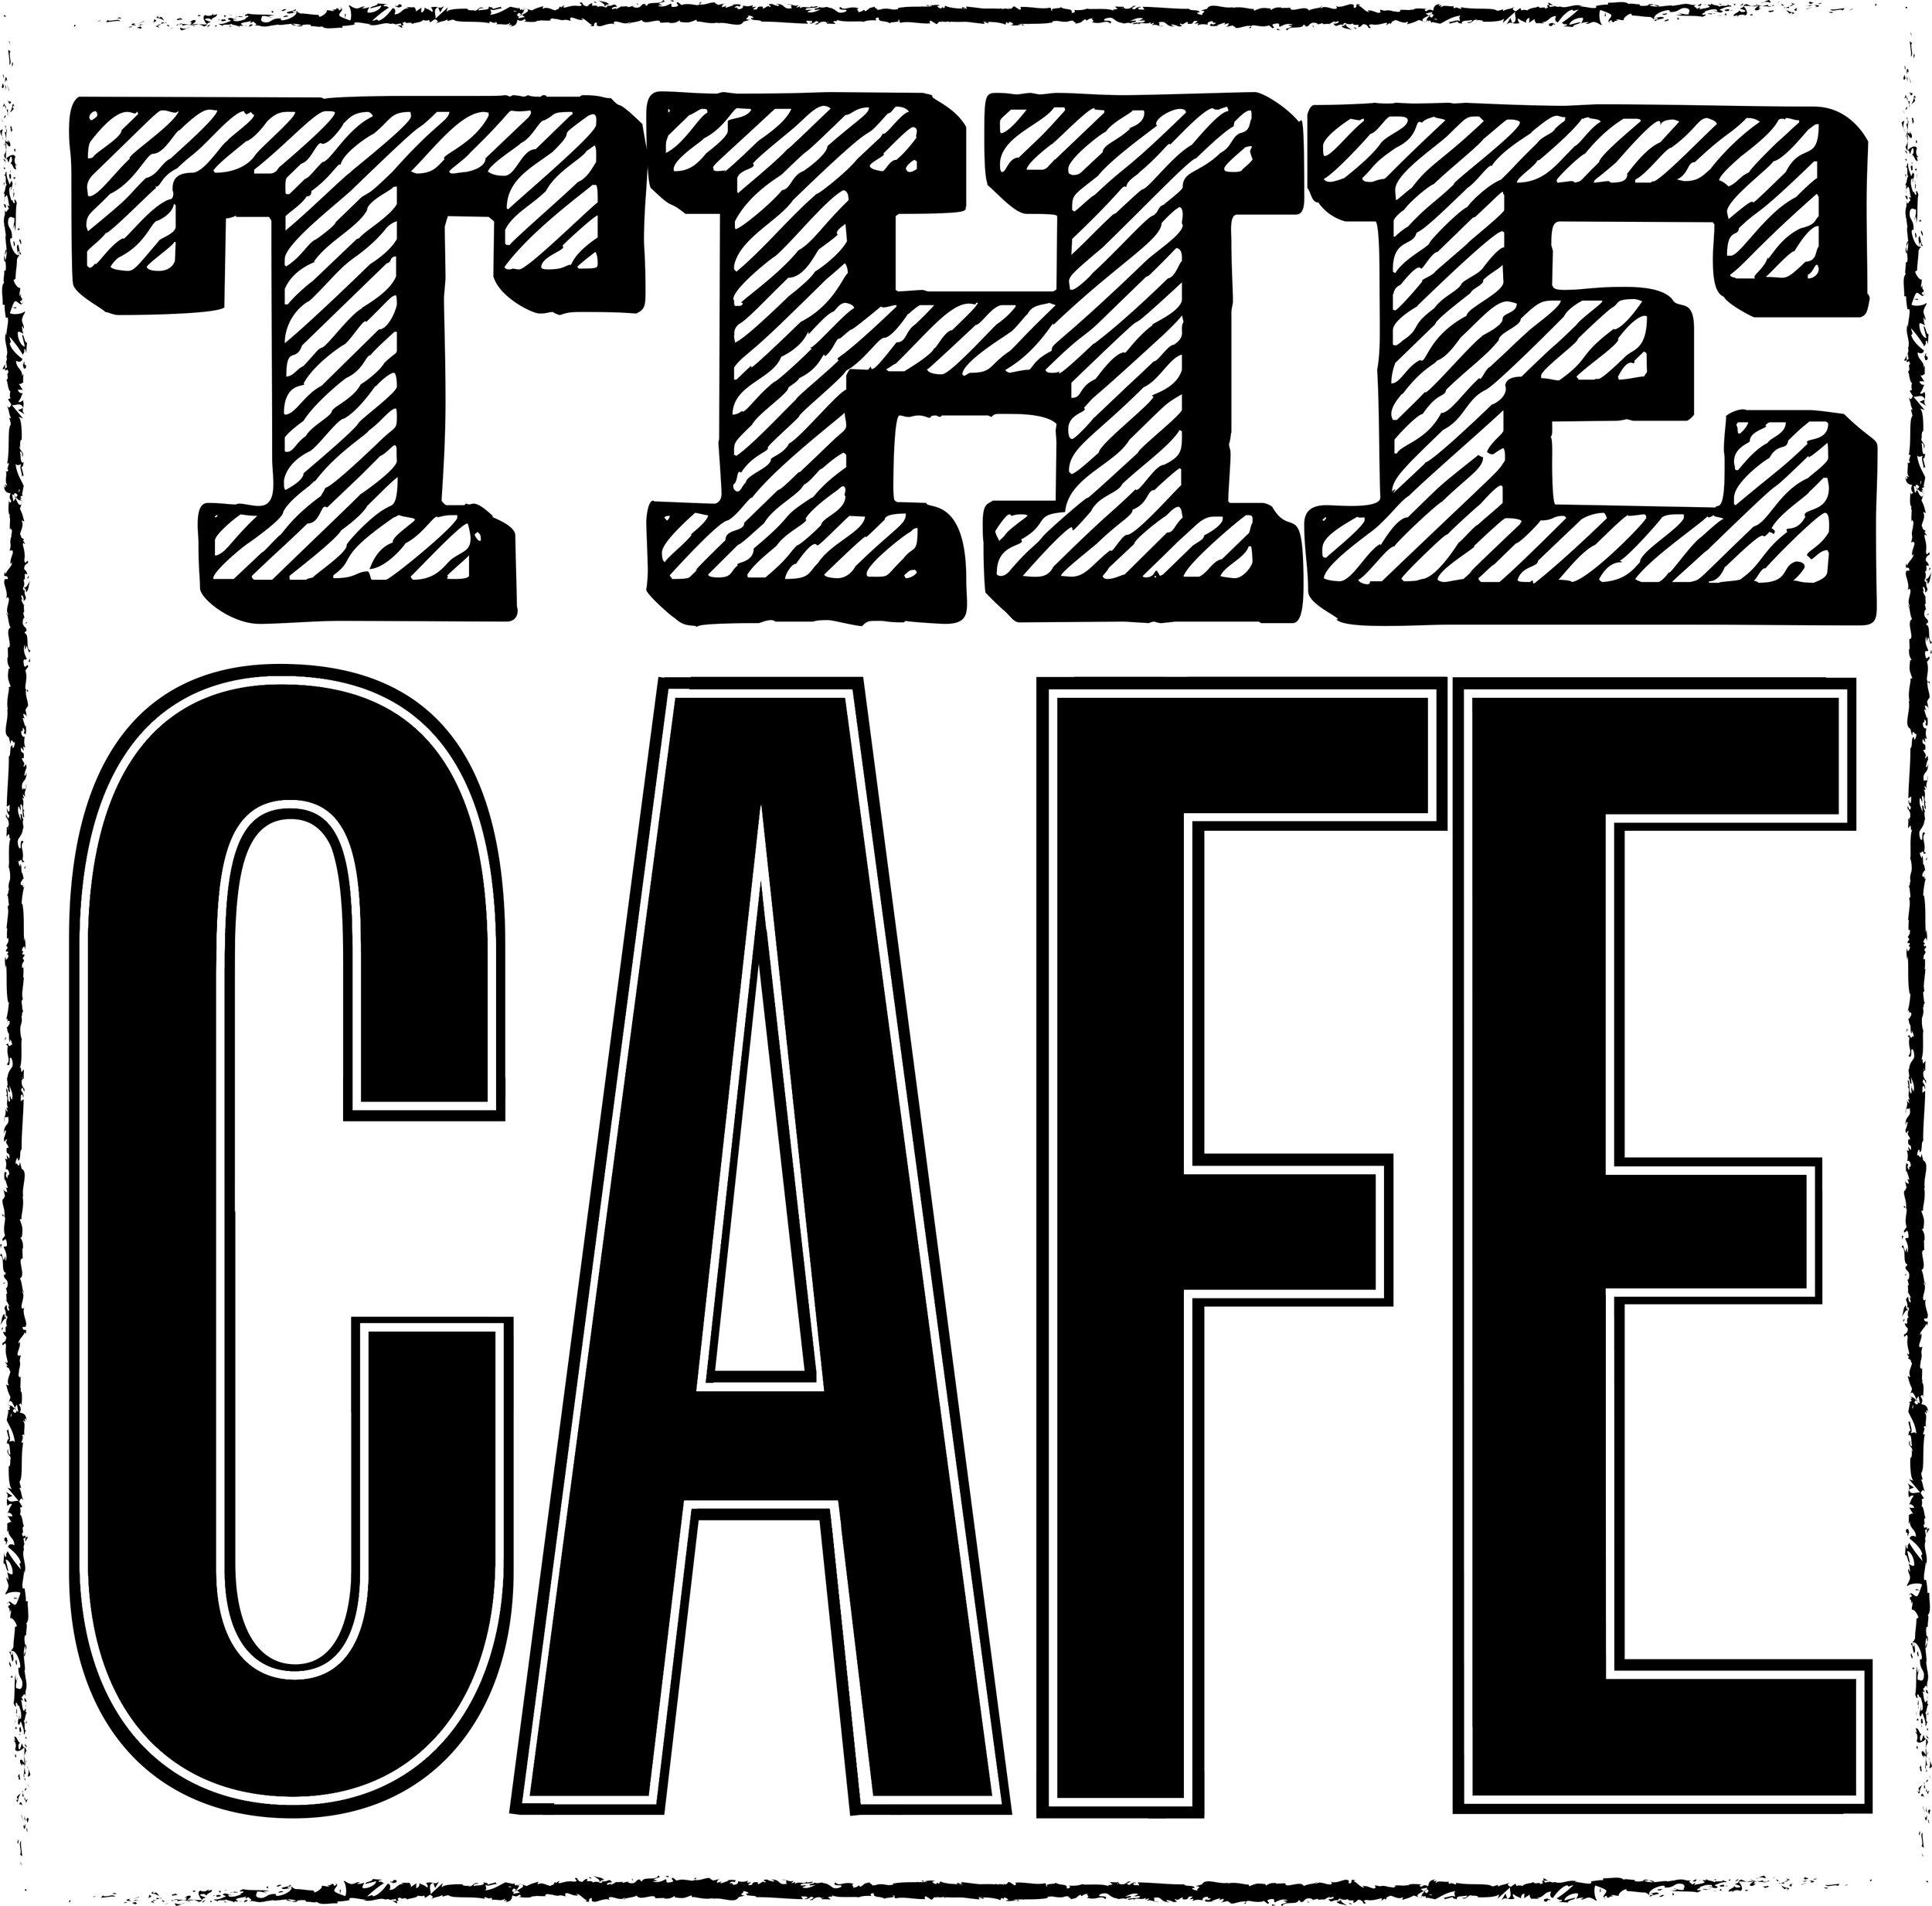 THE CAFE LOGO_v1.jpg